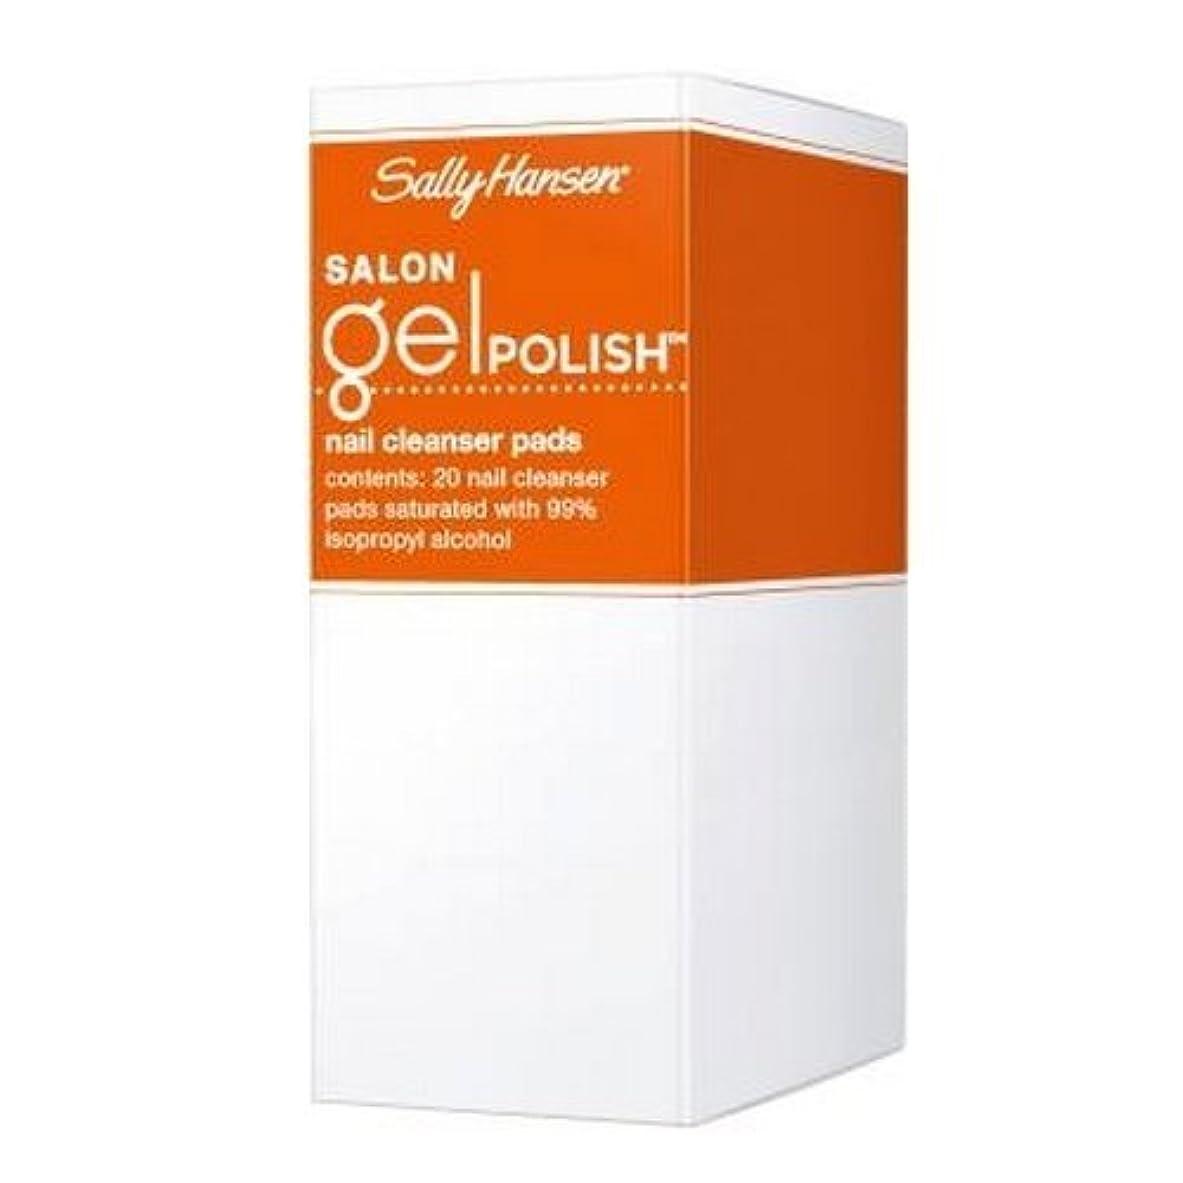 やさしくプーノ割る(3 Pack) SALLY HANSEN Salon Gel Polish Nail Cleanser Pads - Gel Polish Cleanser Pads (並行輸入品)